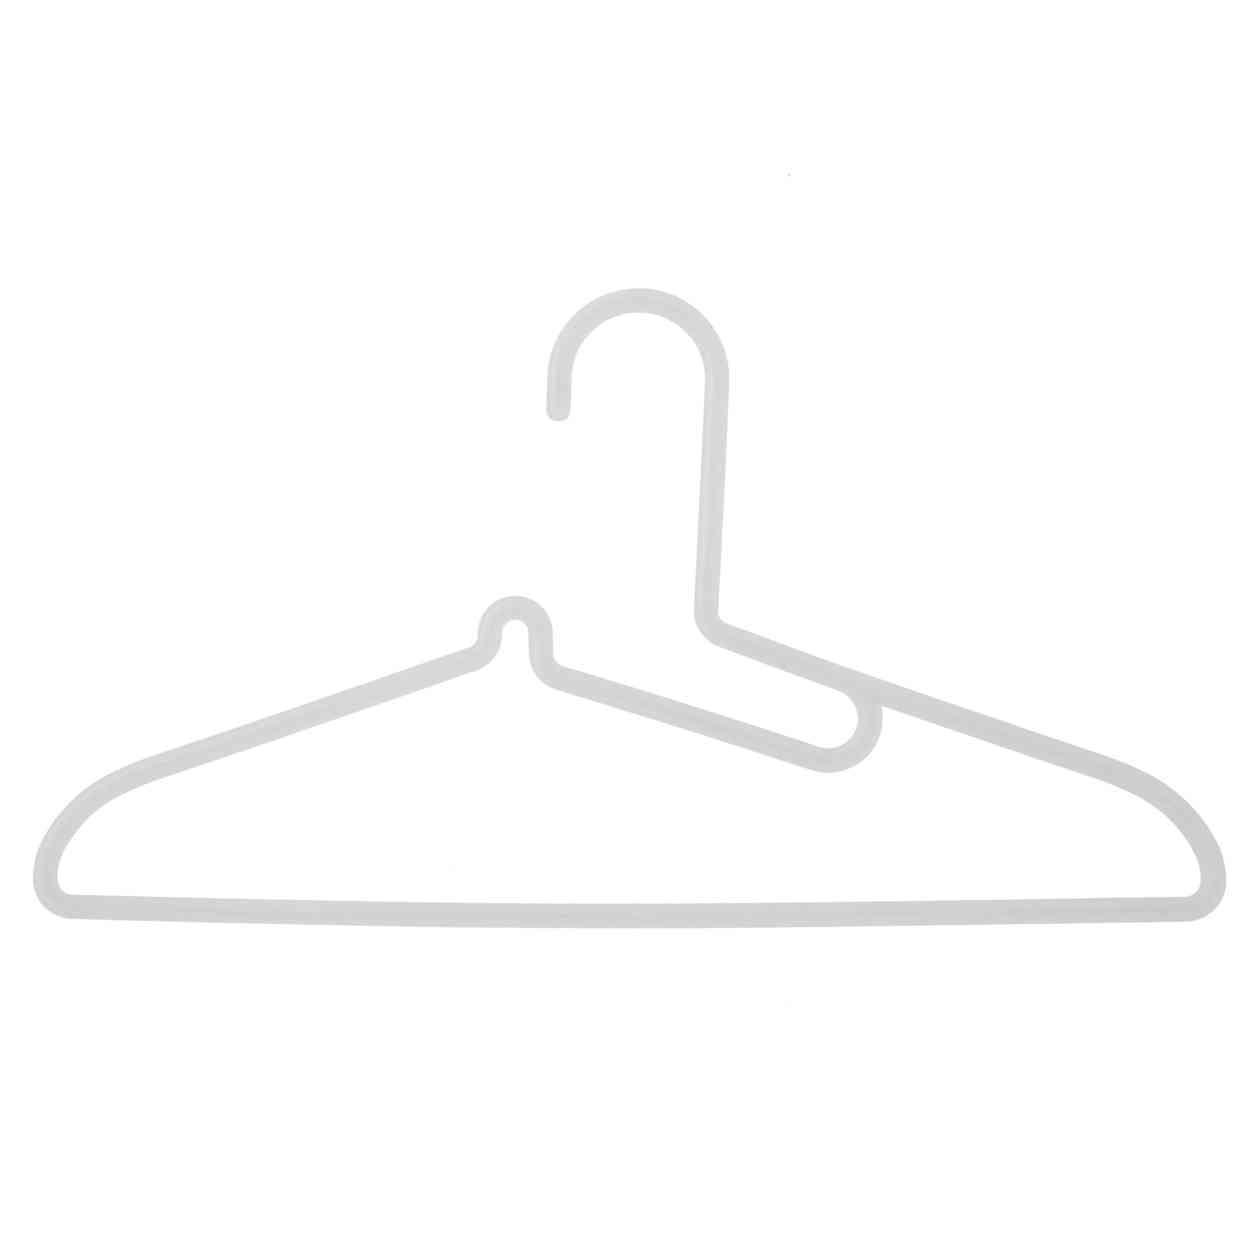 ポリプロピレン洗濯用ハンガー・シャツ用・3本組 約幅41cm | 無印良品ネットストア